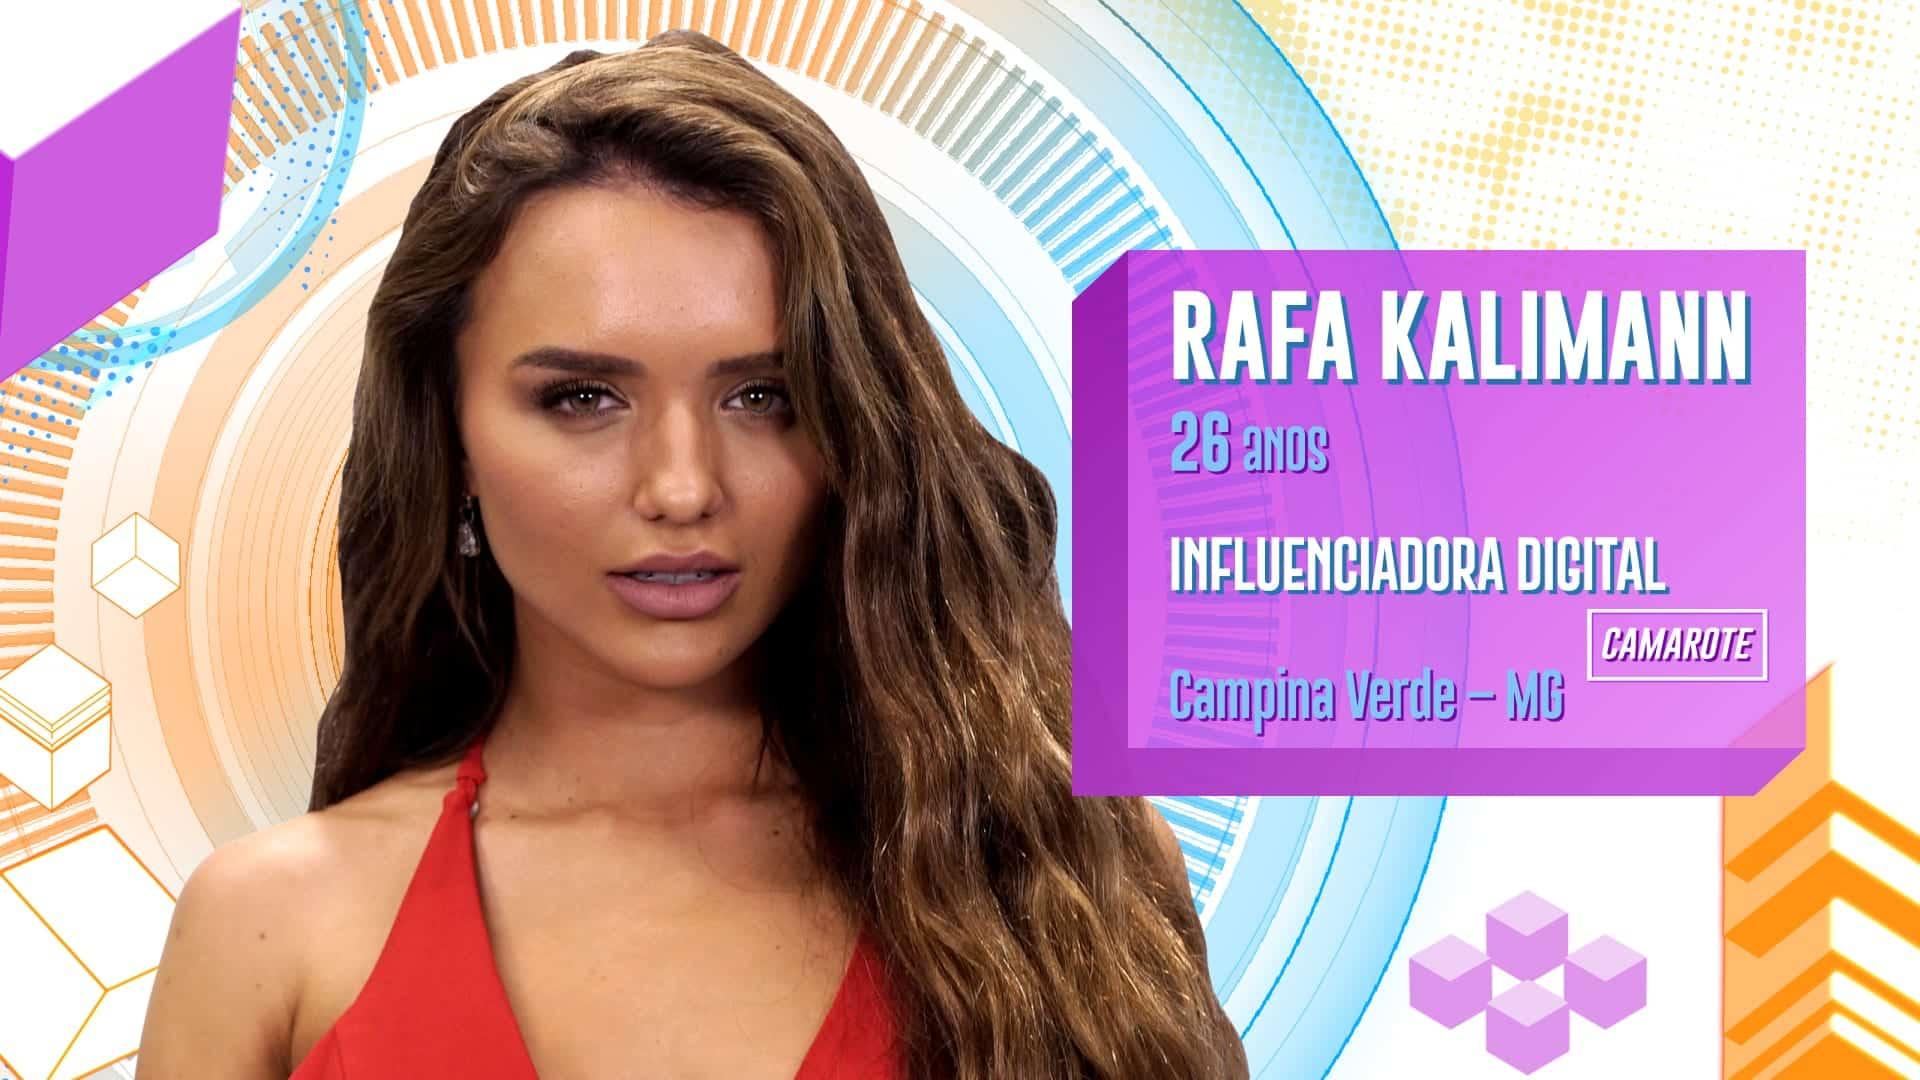 Rafa Kalimann- Quem é, início da carreira, relacionamentos + BBB 20